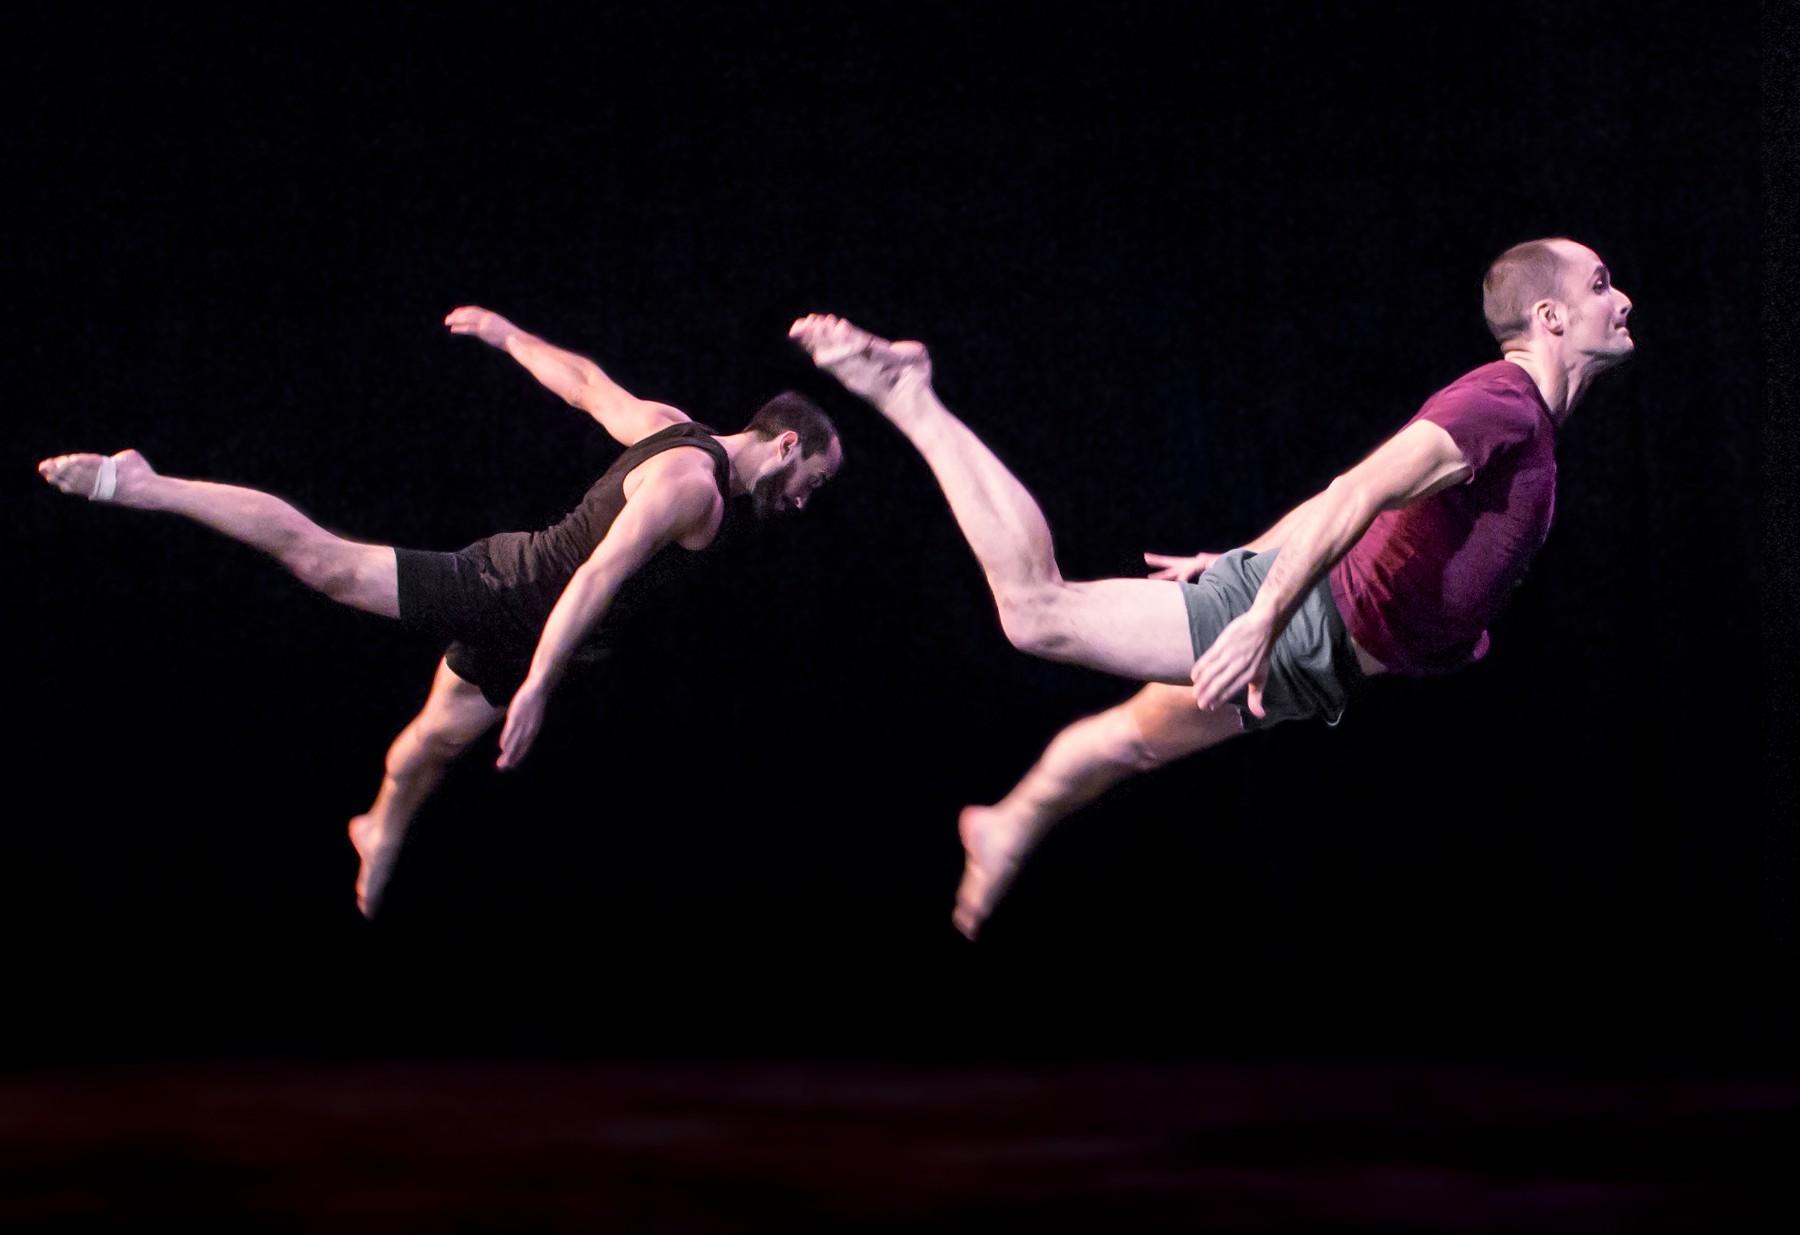 Member Spotlight: Terry Crane & Susie Williams of Acrobatic Conundrum